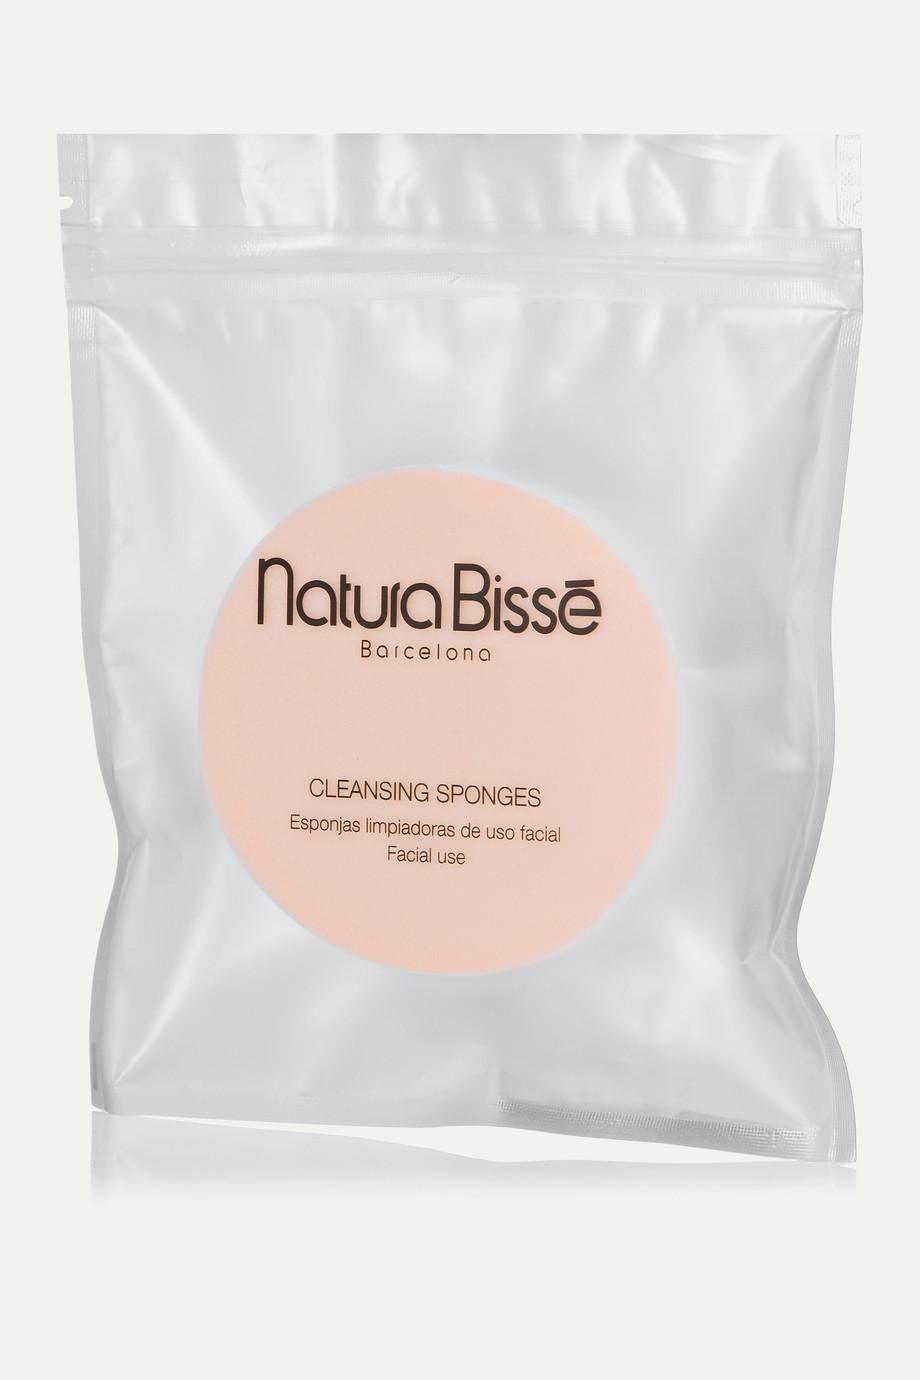 Natura Bissé Cleansing Sponges